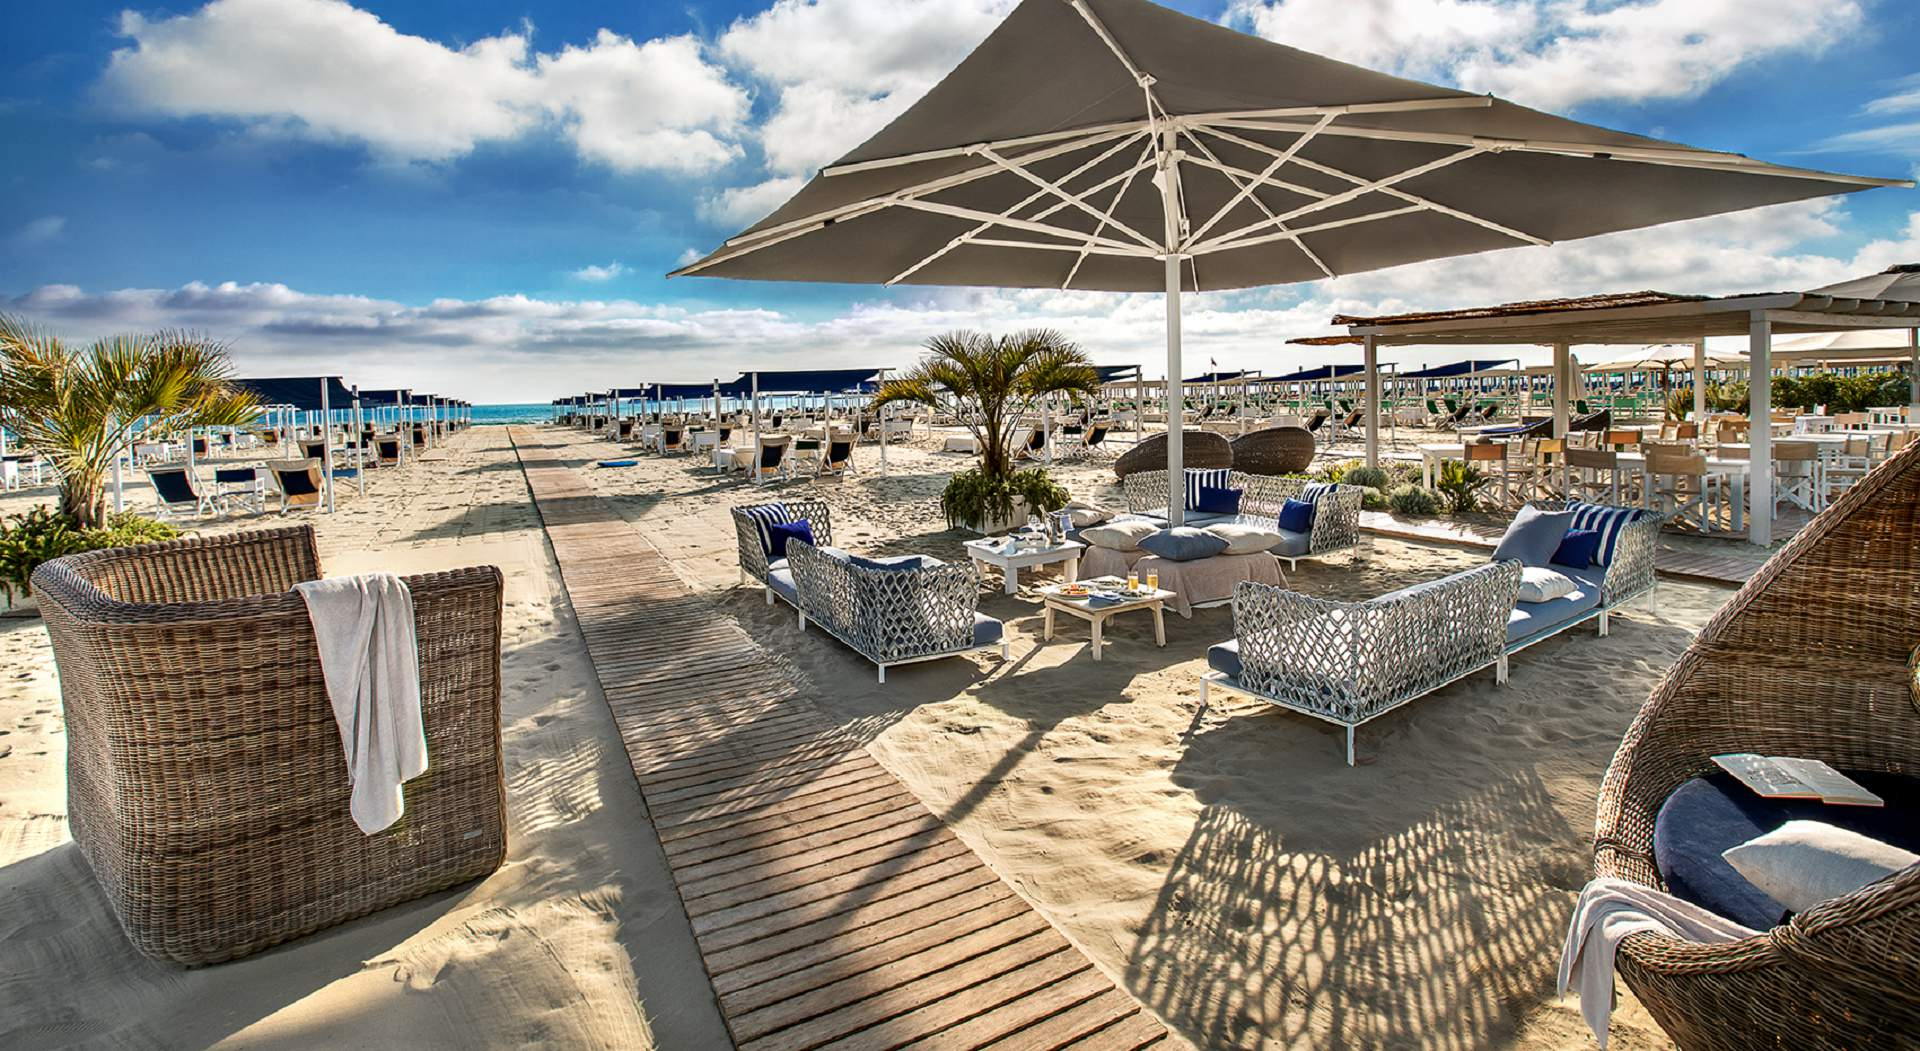 PrincipeForteDeiMarmi-Spiaggia-Dalmazia-2